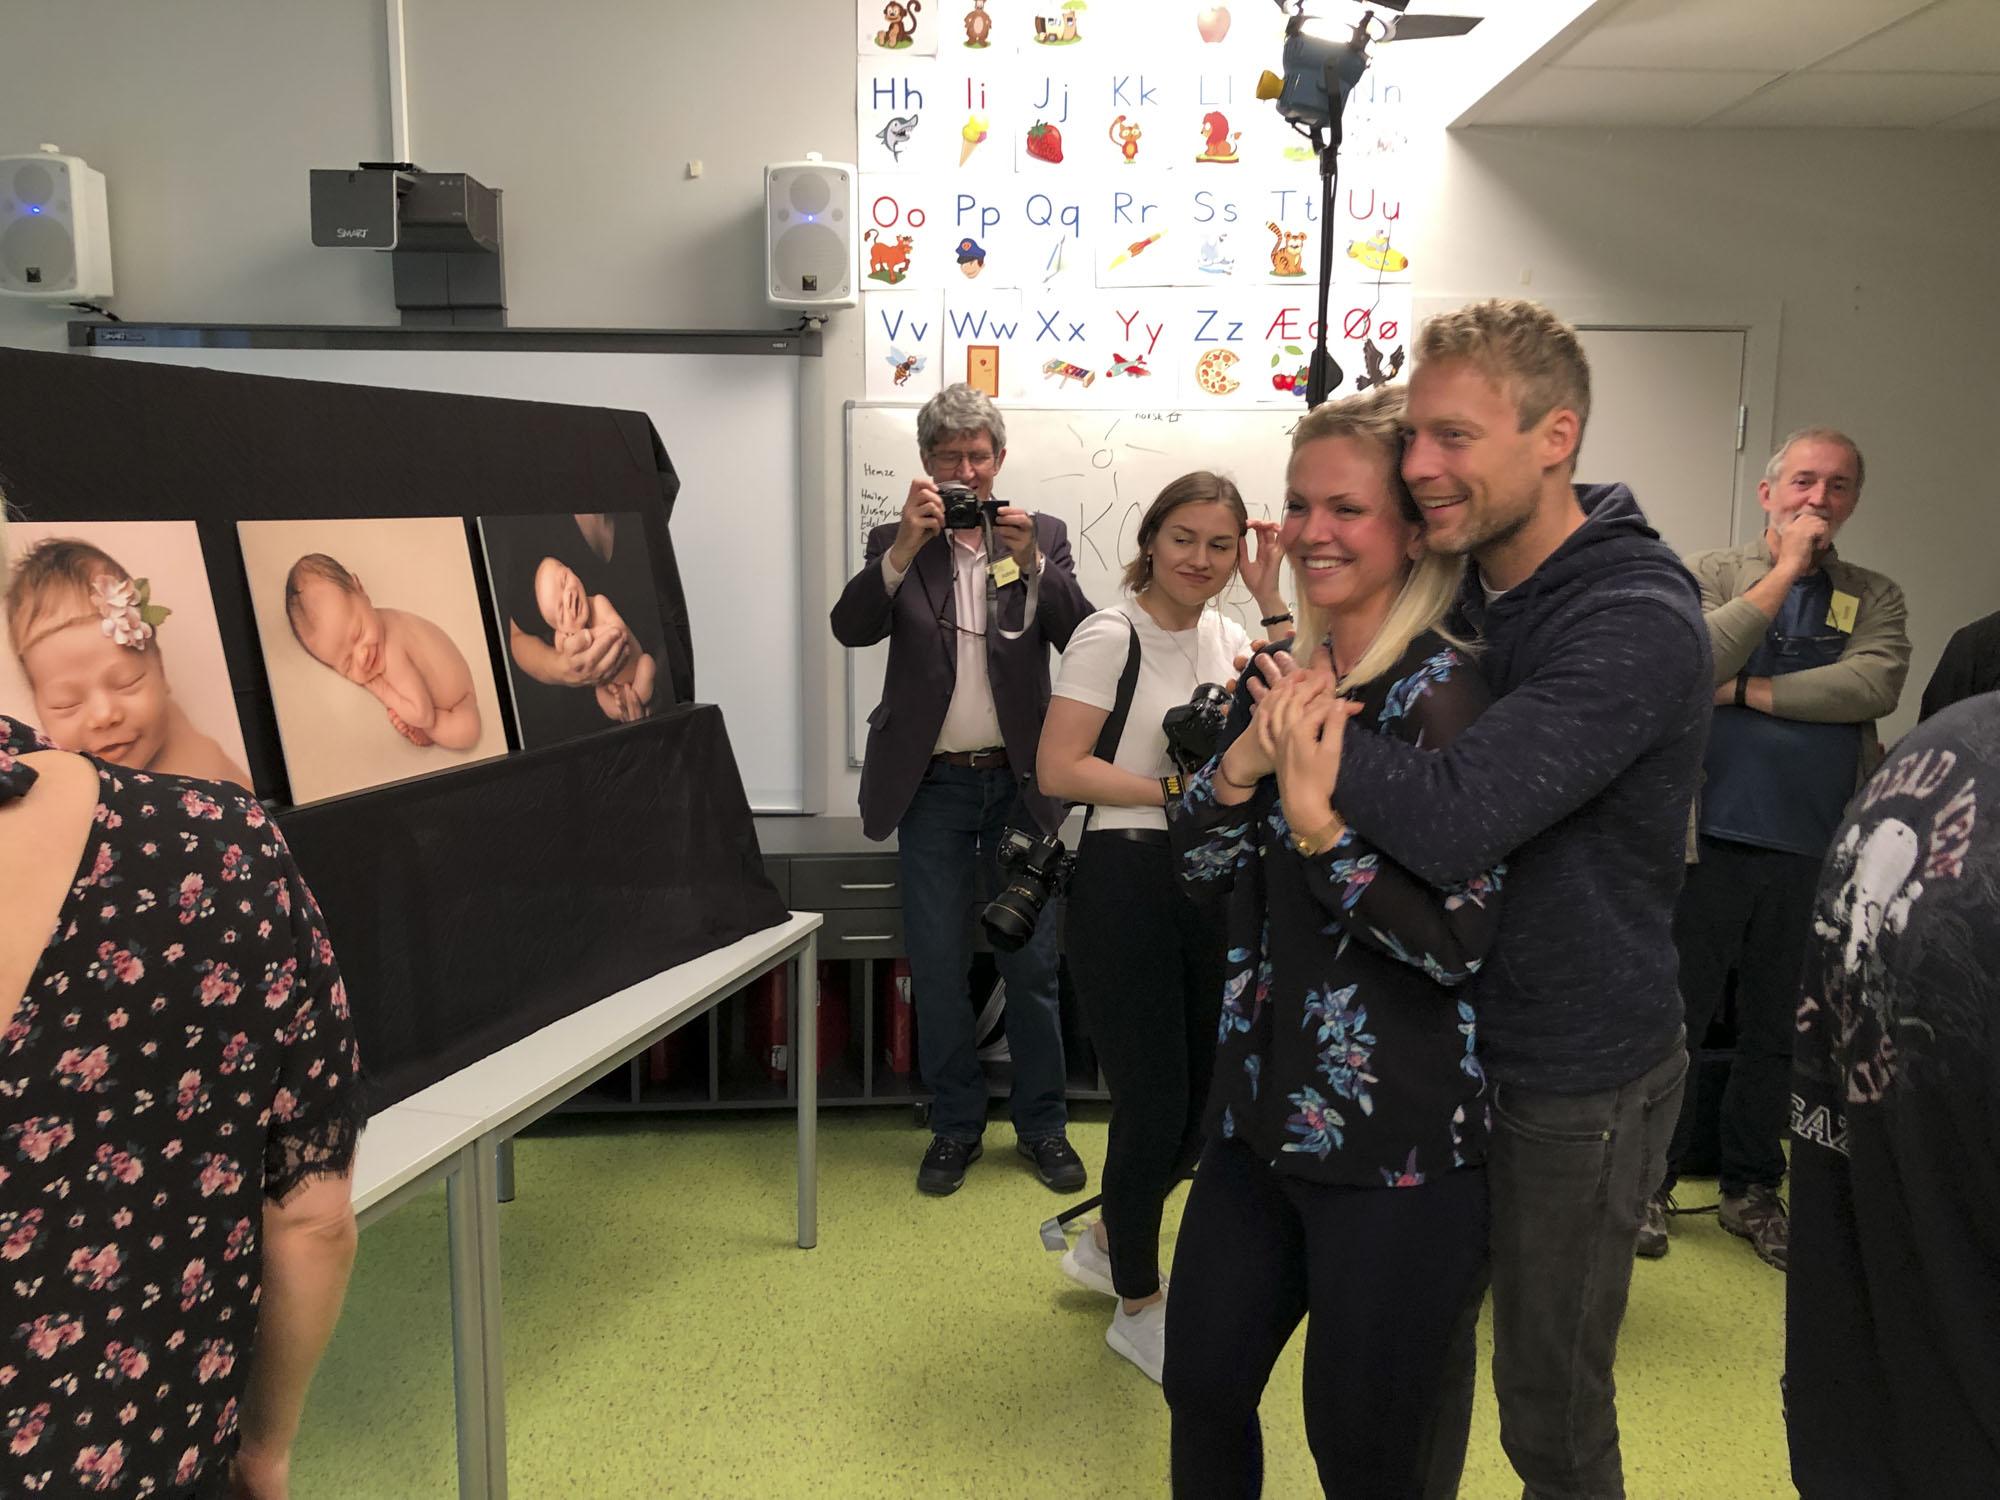 Federace evropských profesionálních fotografů